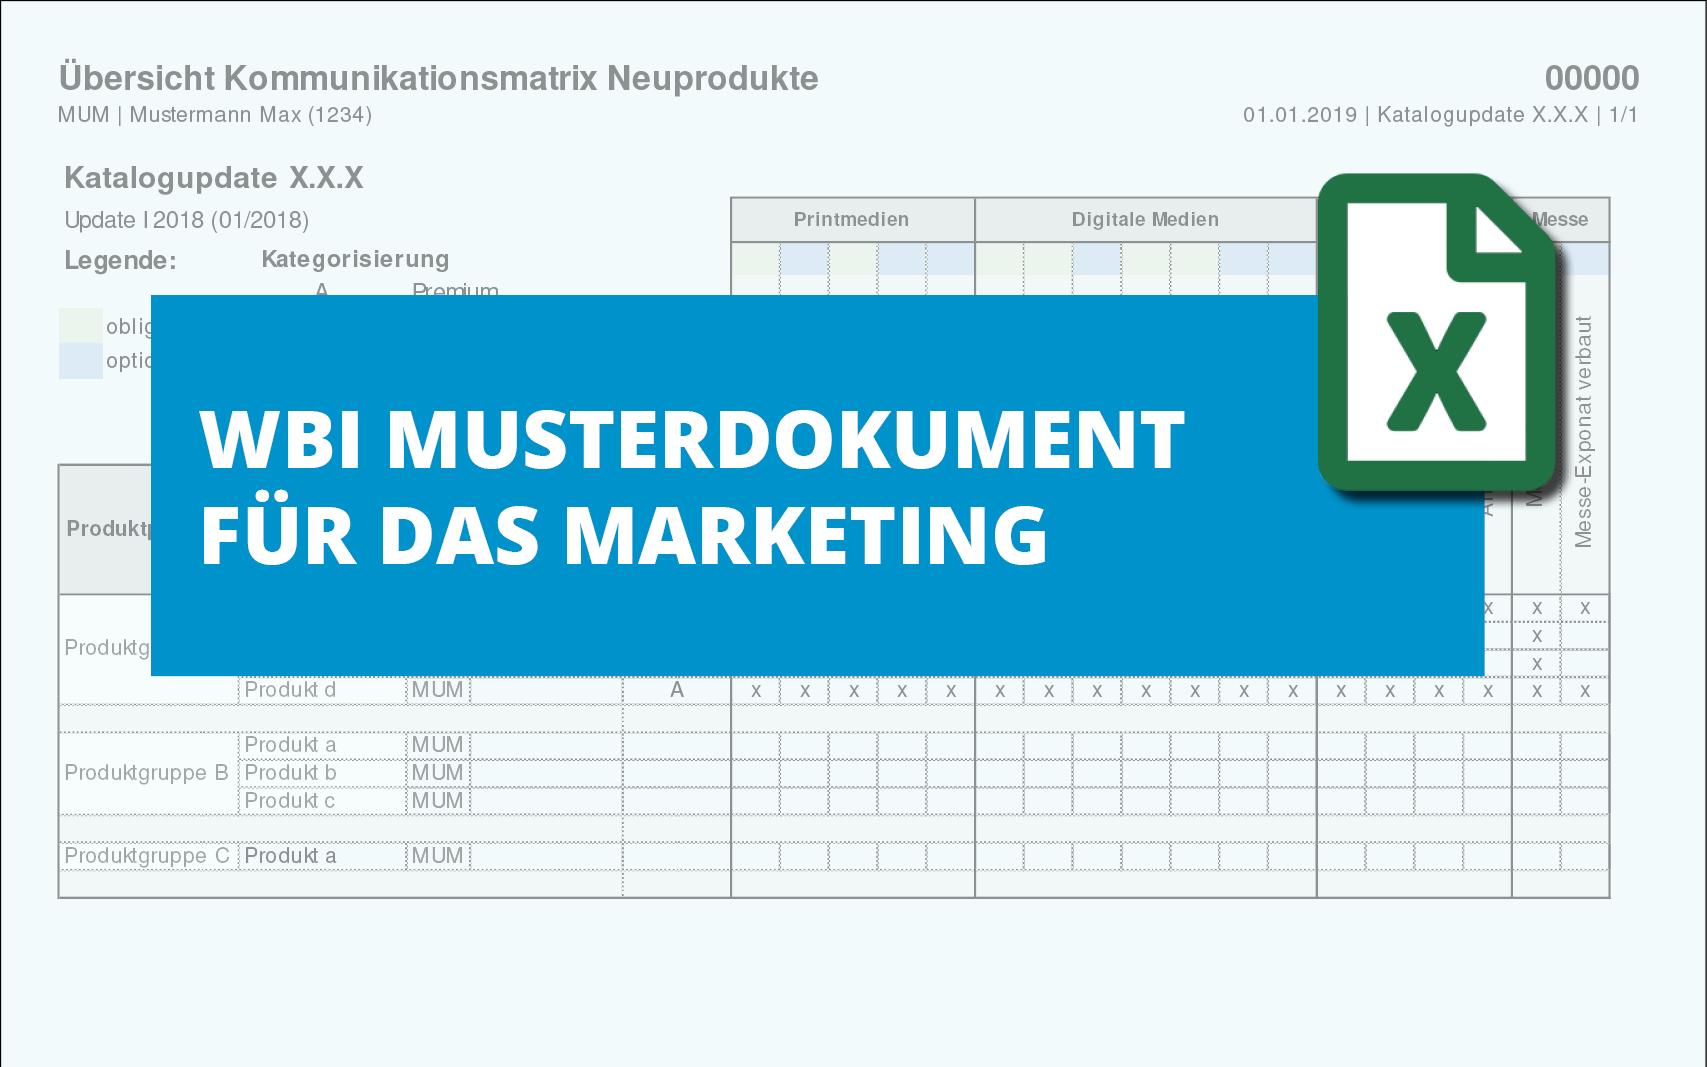 uebersicht-kommunikationsmatrix-neuprodukte